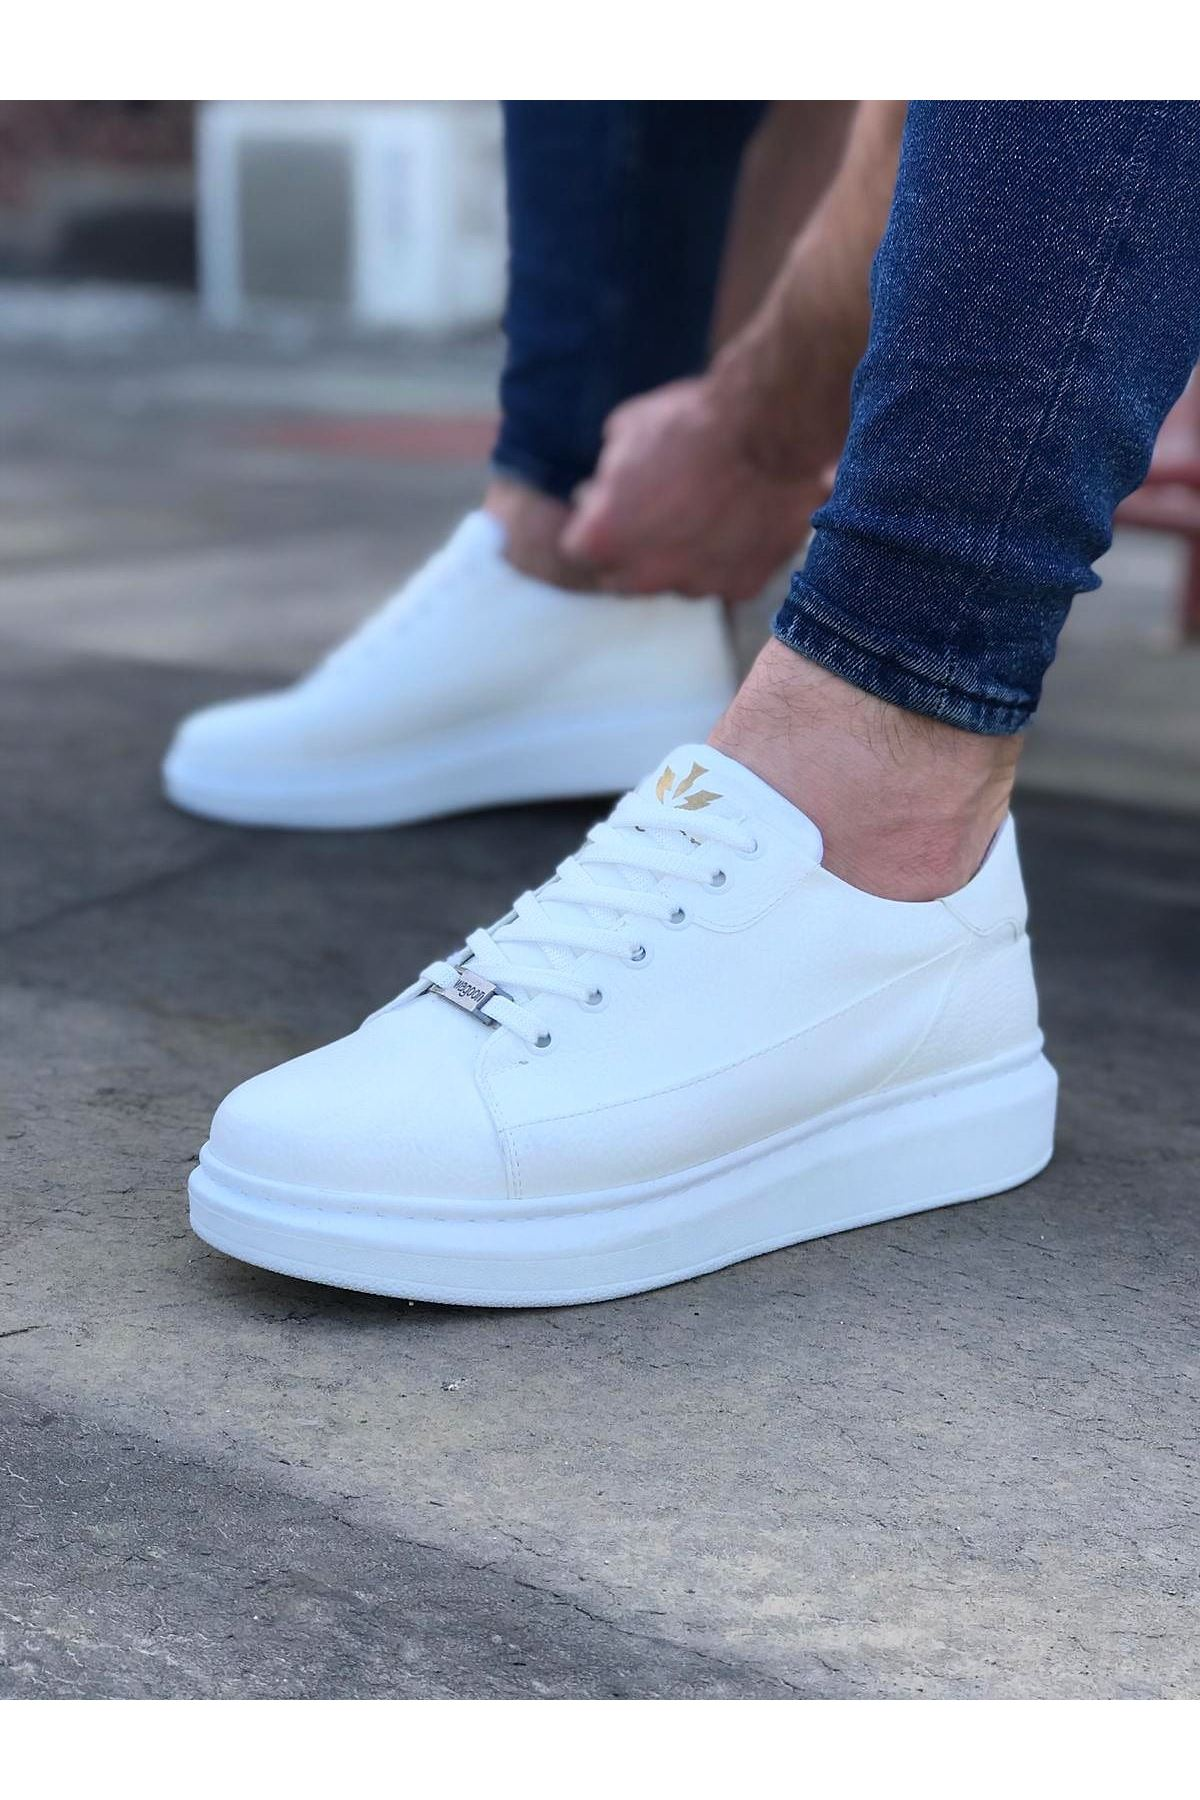 Wagoon WG028 Beyaz Bağcıklı Kalın Taban Casual Erkek Ayakkabı